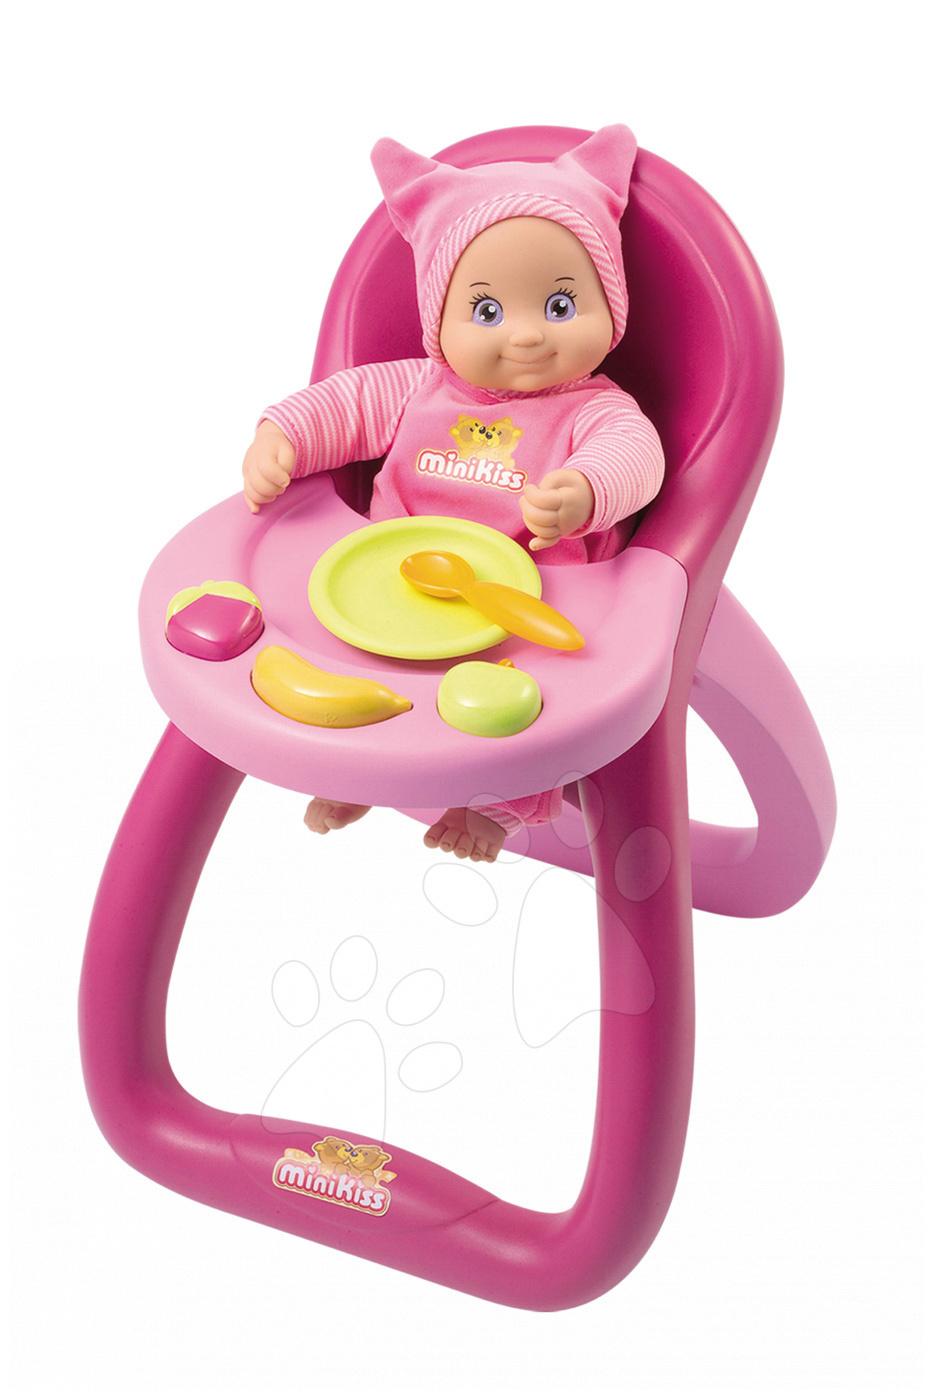 Jedálenská stolička MiniKiss Baby Smoby pre 27 cm bábiku s potravinami od 12 mes